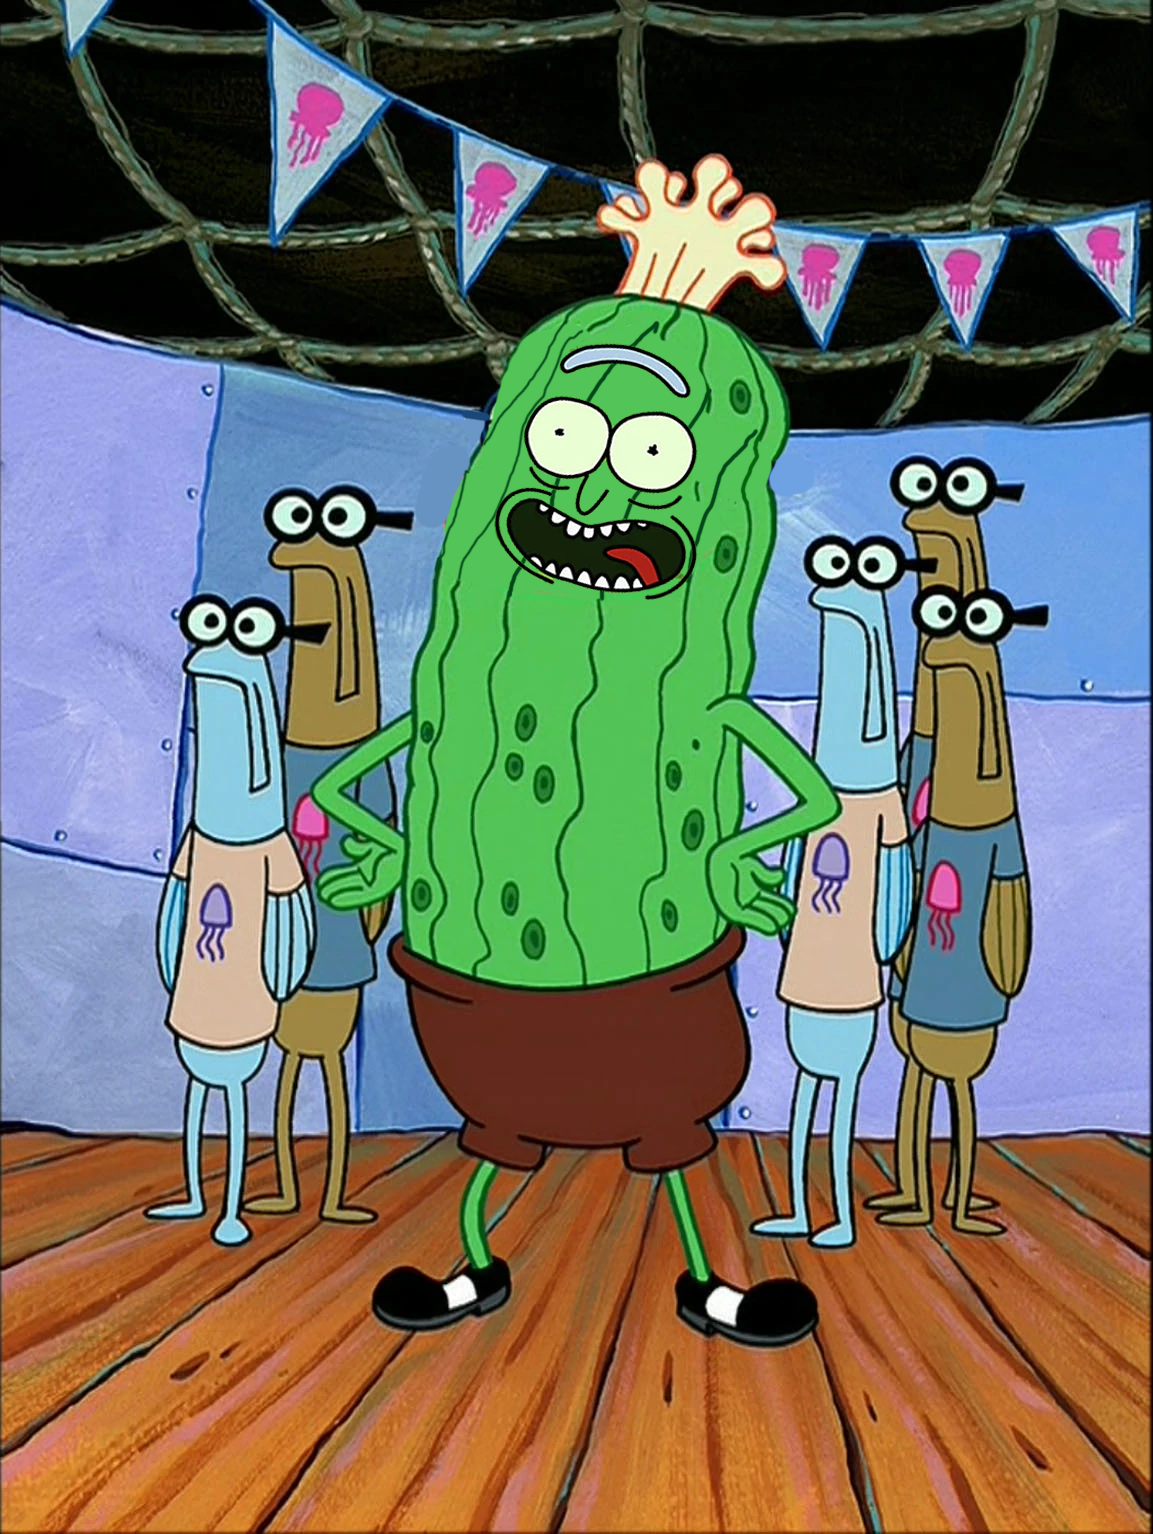 Hi kevin spongebob meme 71073 tweb